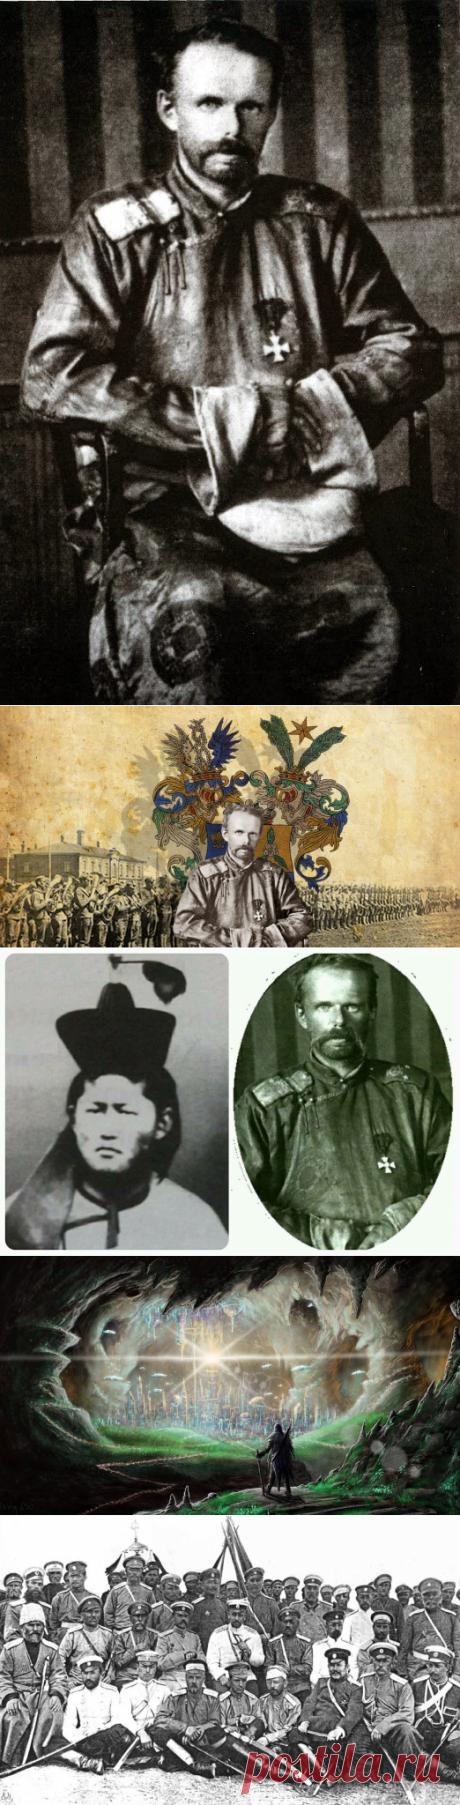 Буддийский бог войны: Как беглый русский офицер возродил империю Чингисхана | Знаете ли вы, что... | Яндекс Дзен